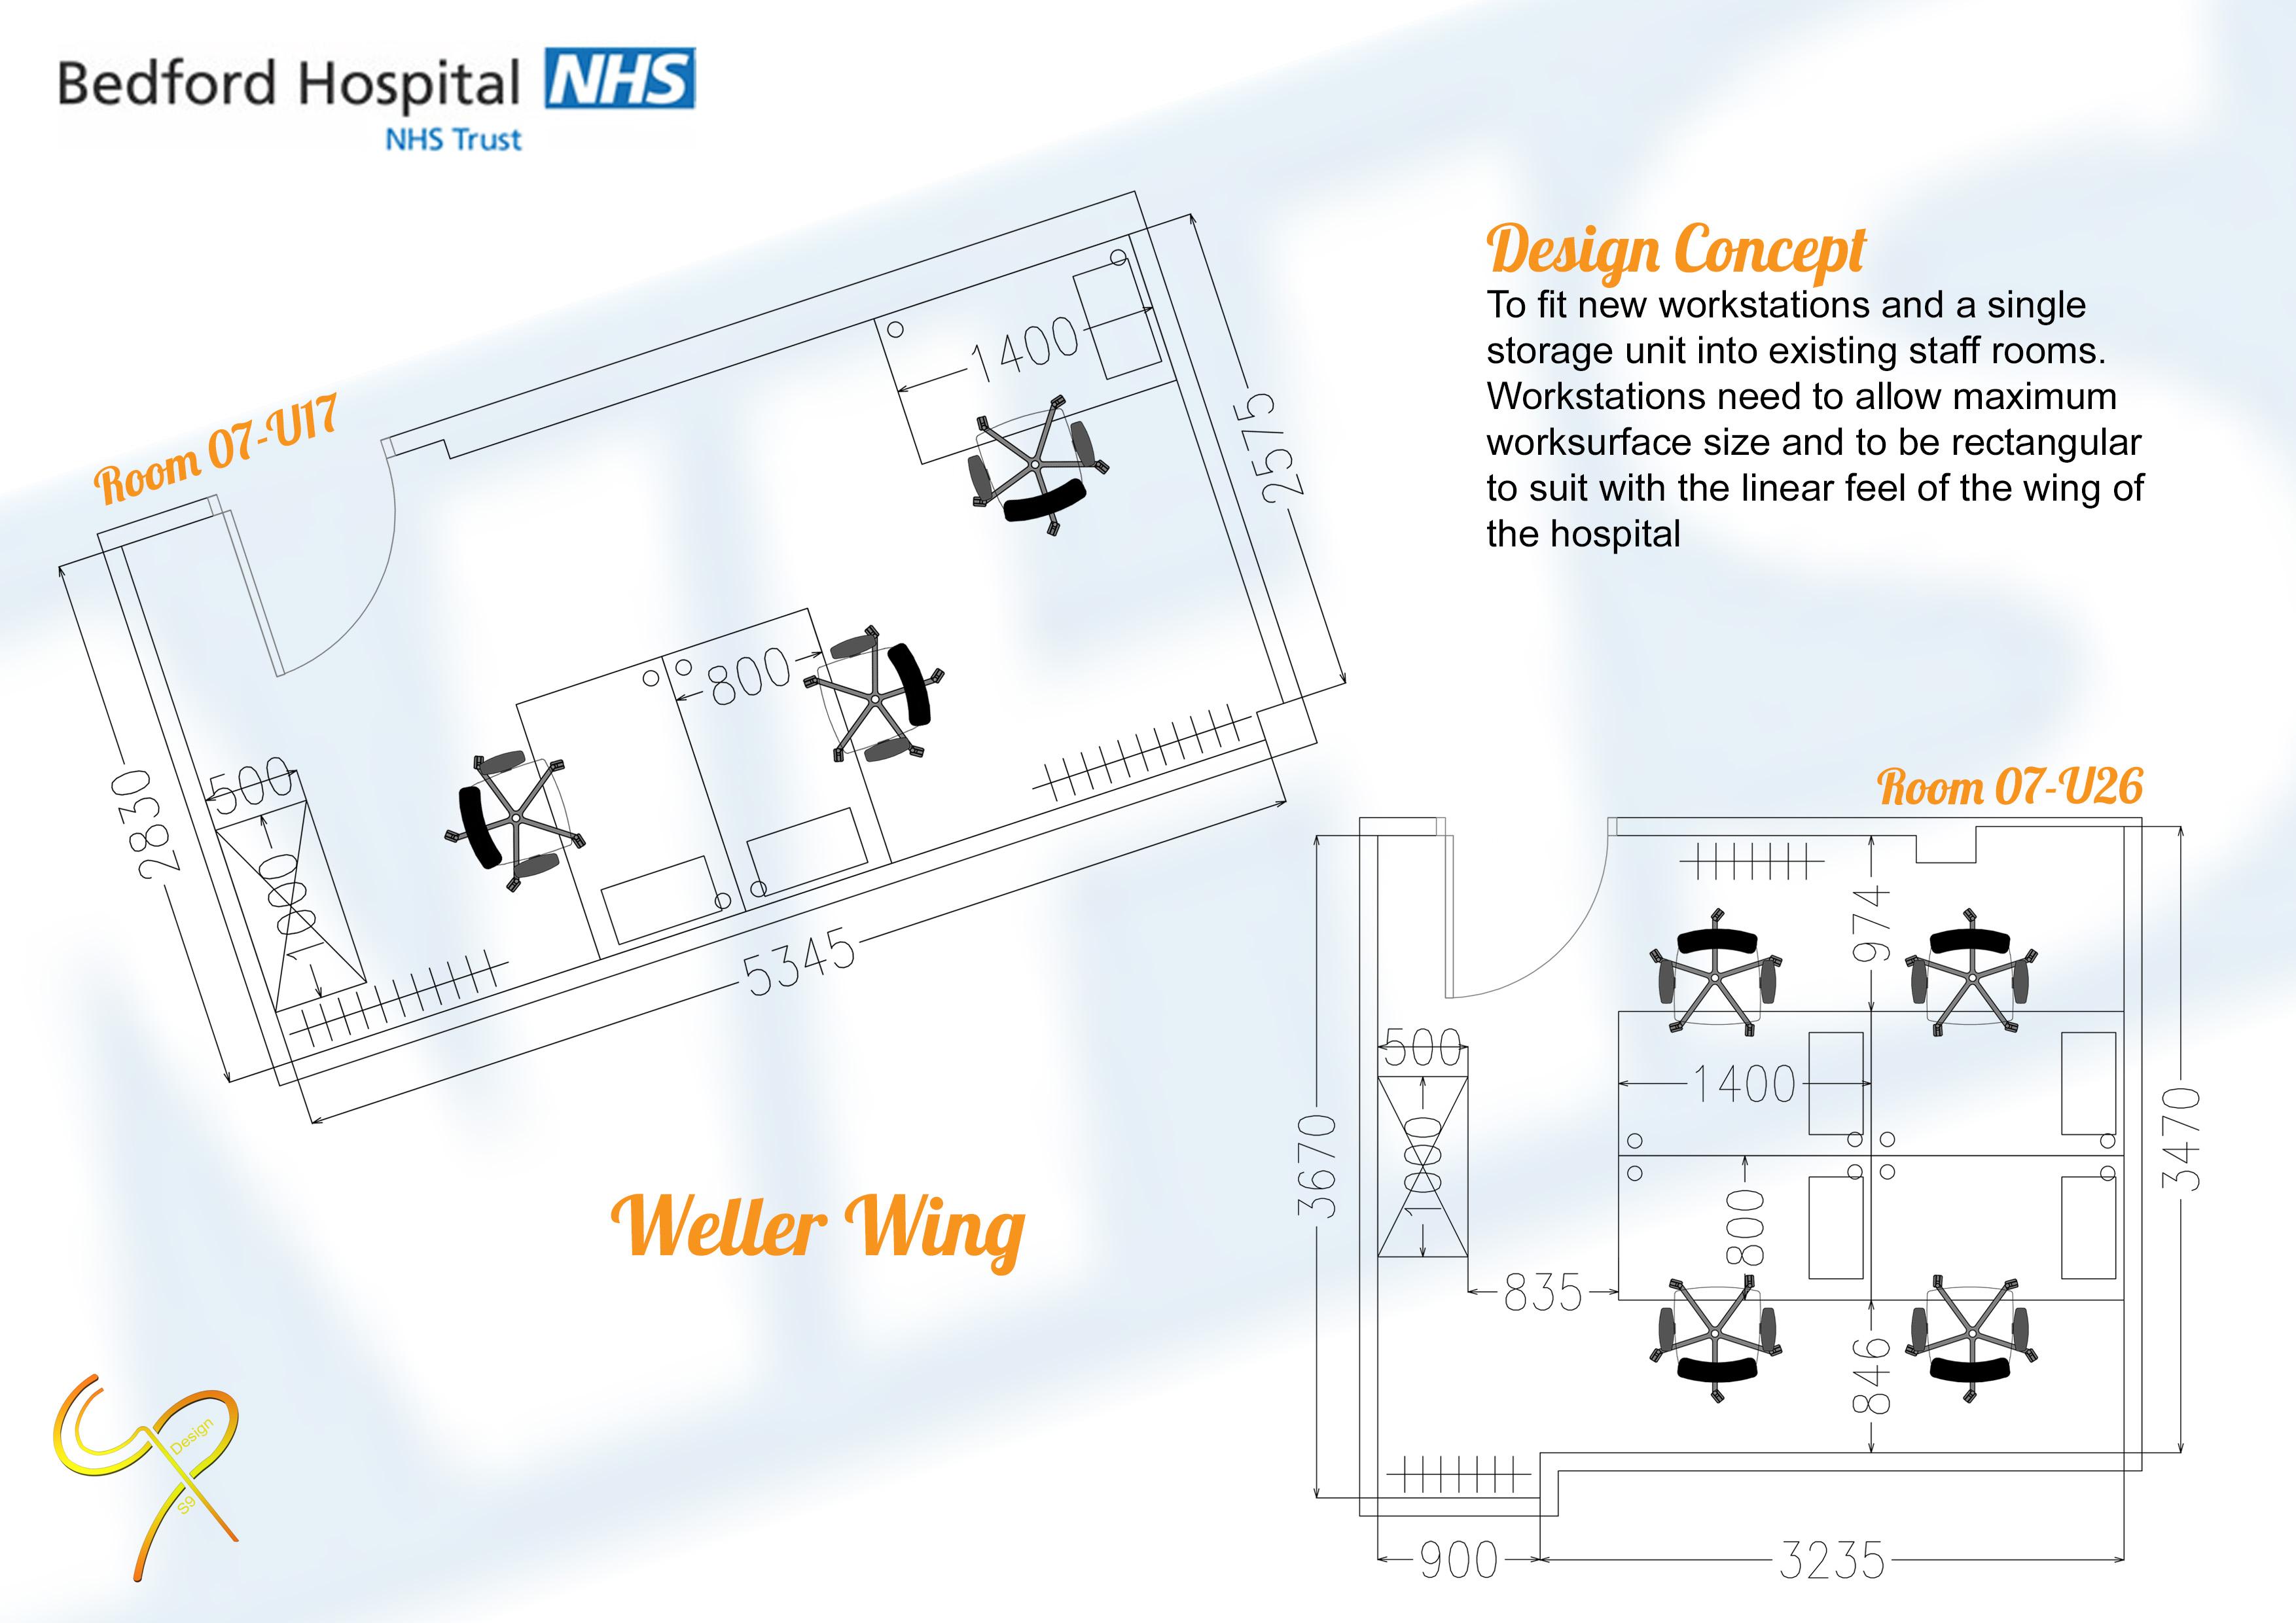 Bedford Hospital - Weller Wing